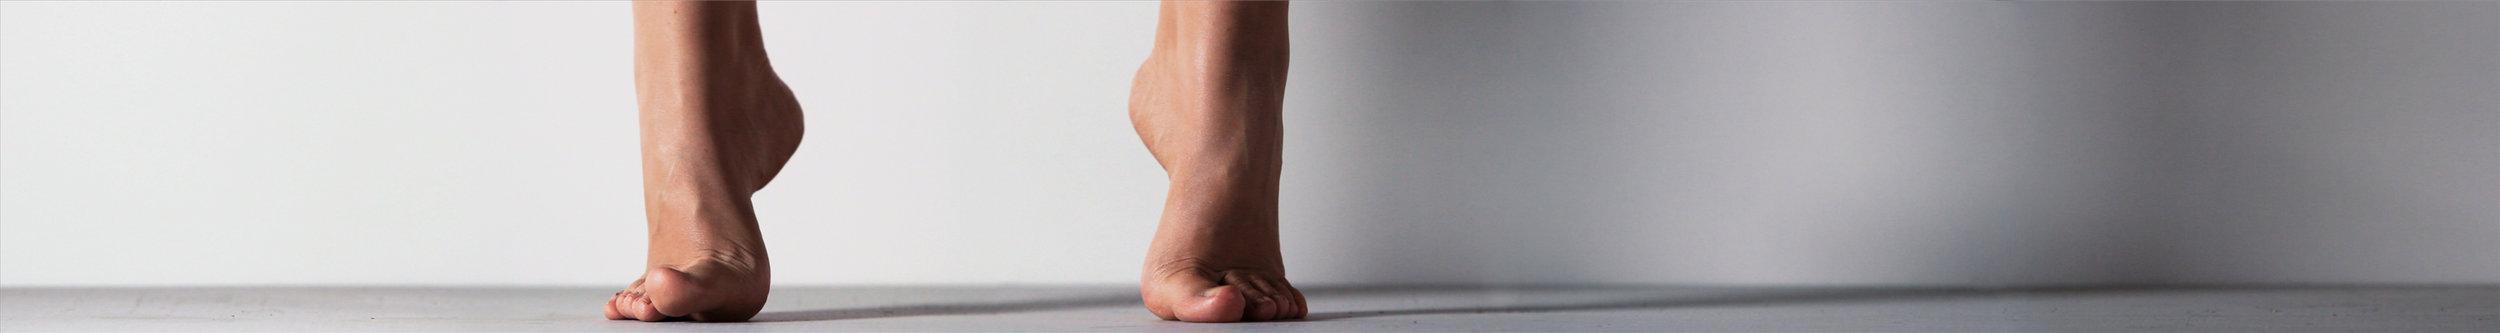 Sanchez, Casilda_Quisiera_feet_00.jpg